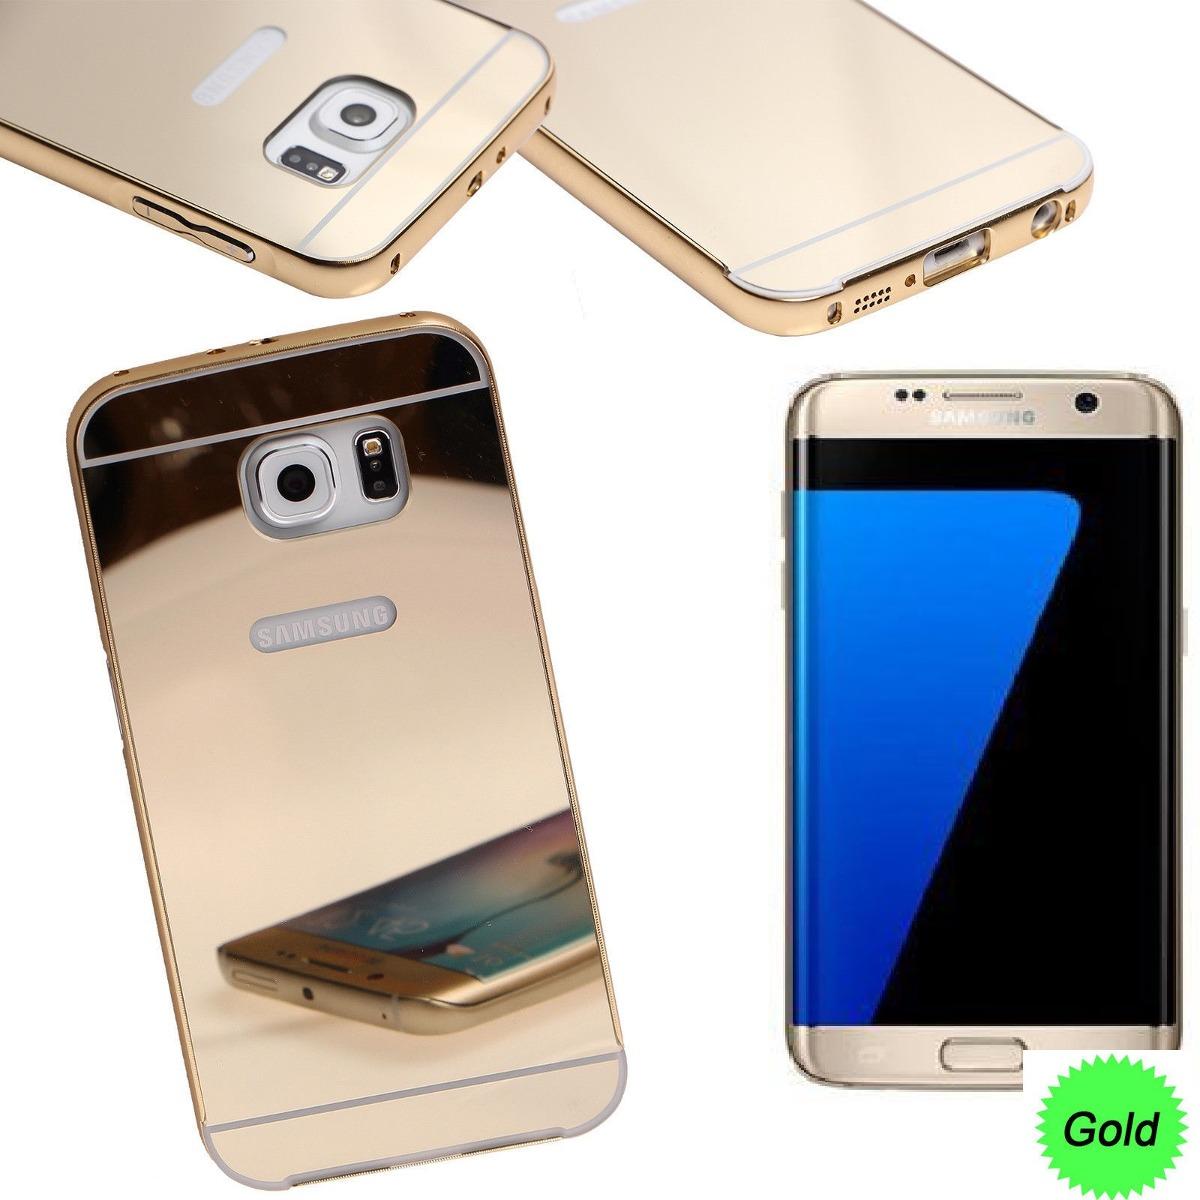 0a56b07667e Funda Protectora Galaxy S7 Metalica Dorada Aluminio - $ 499,00 en ...